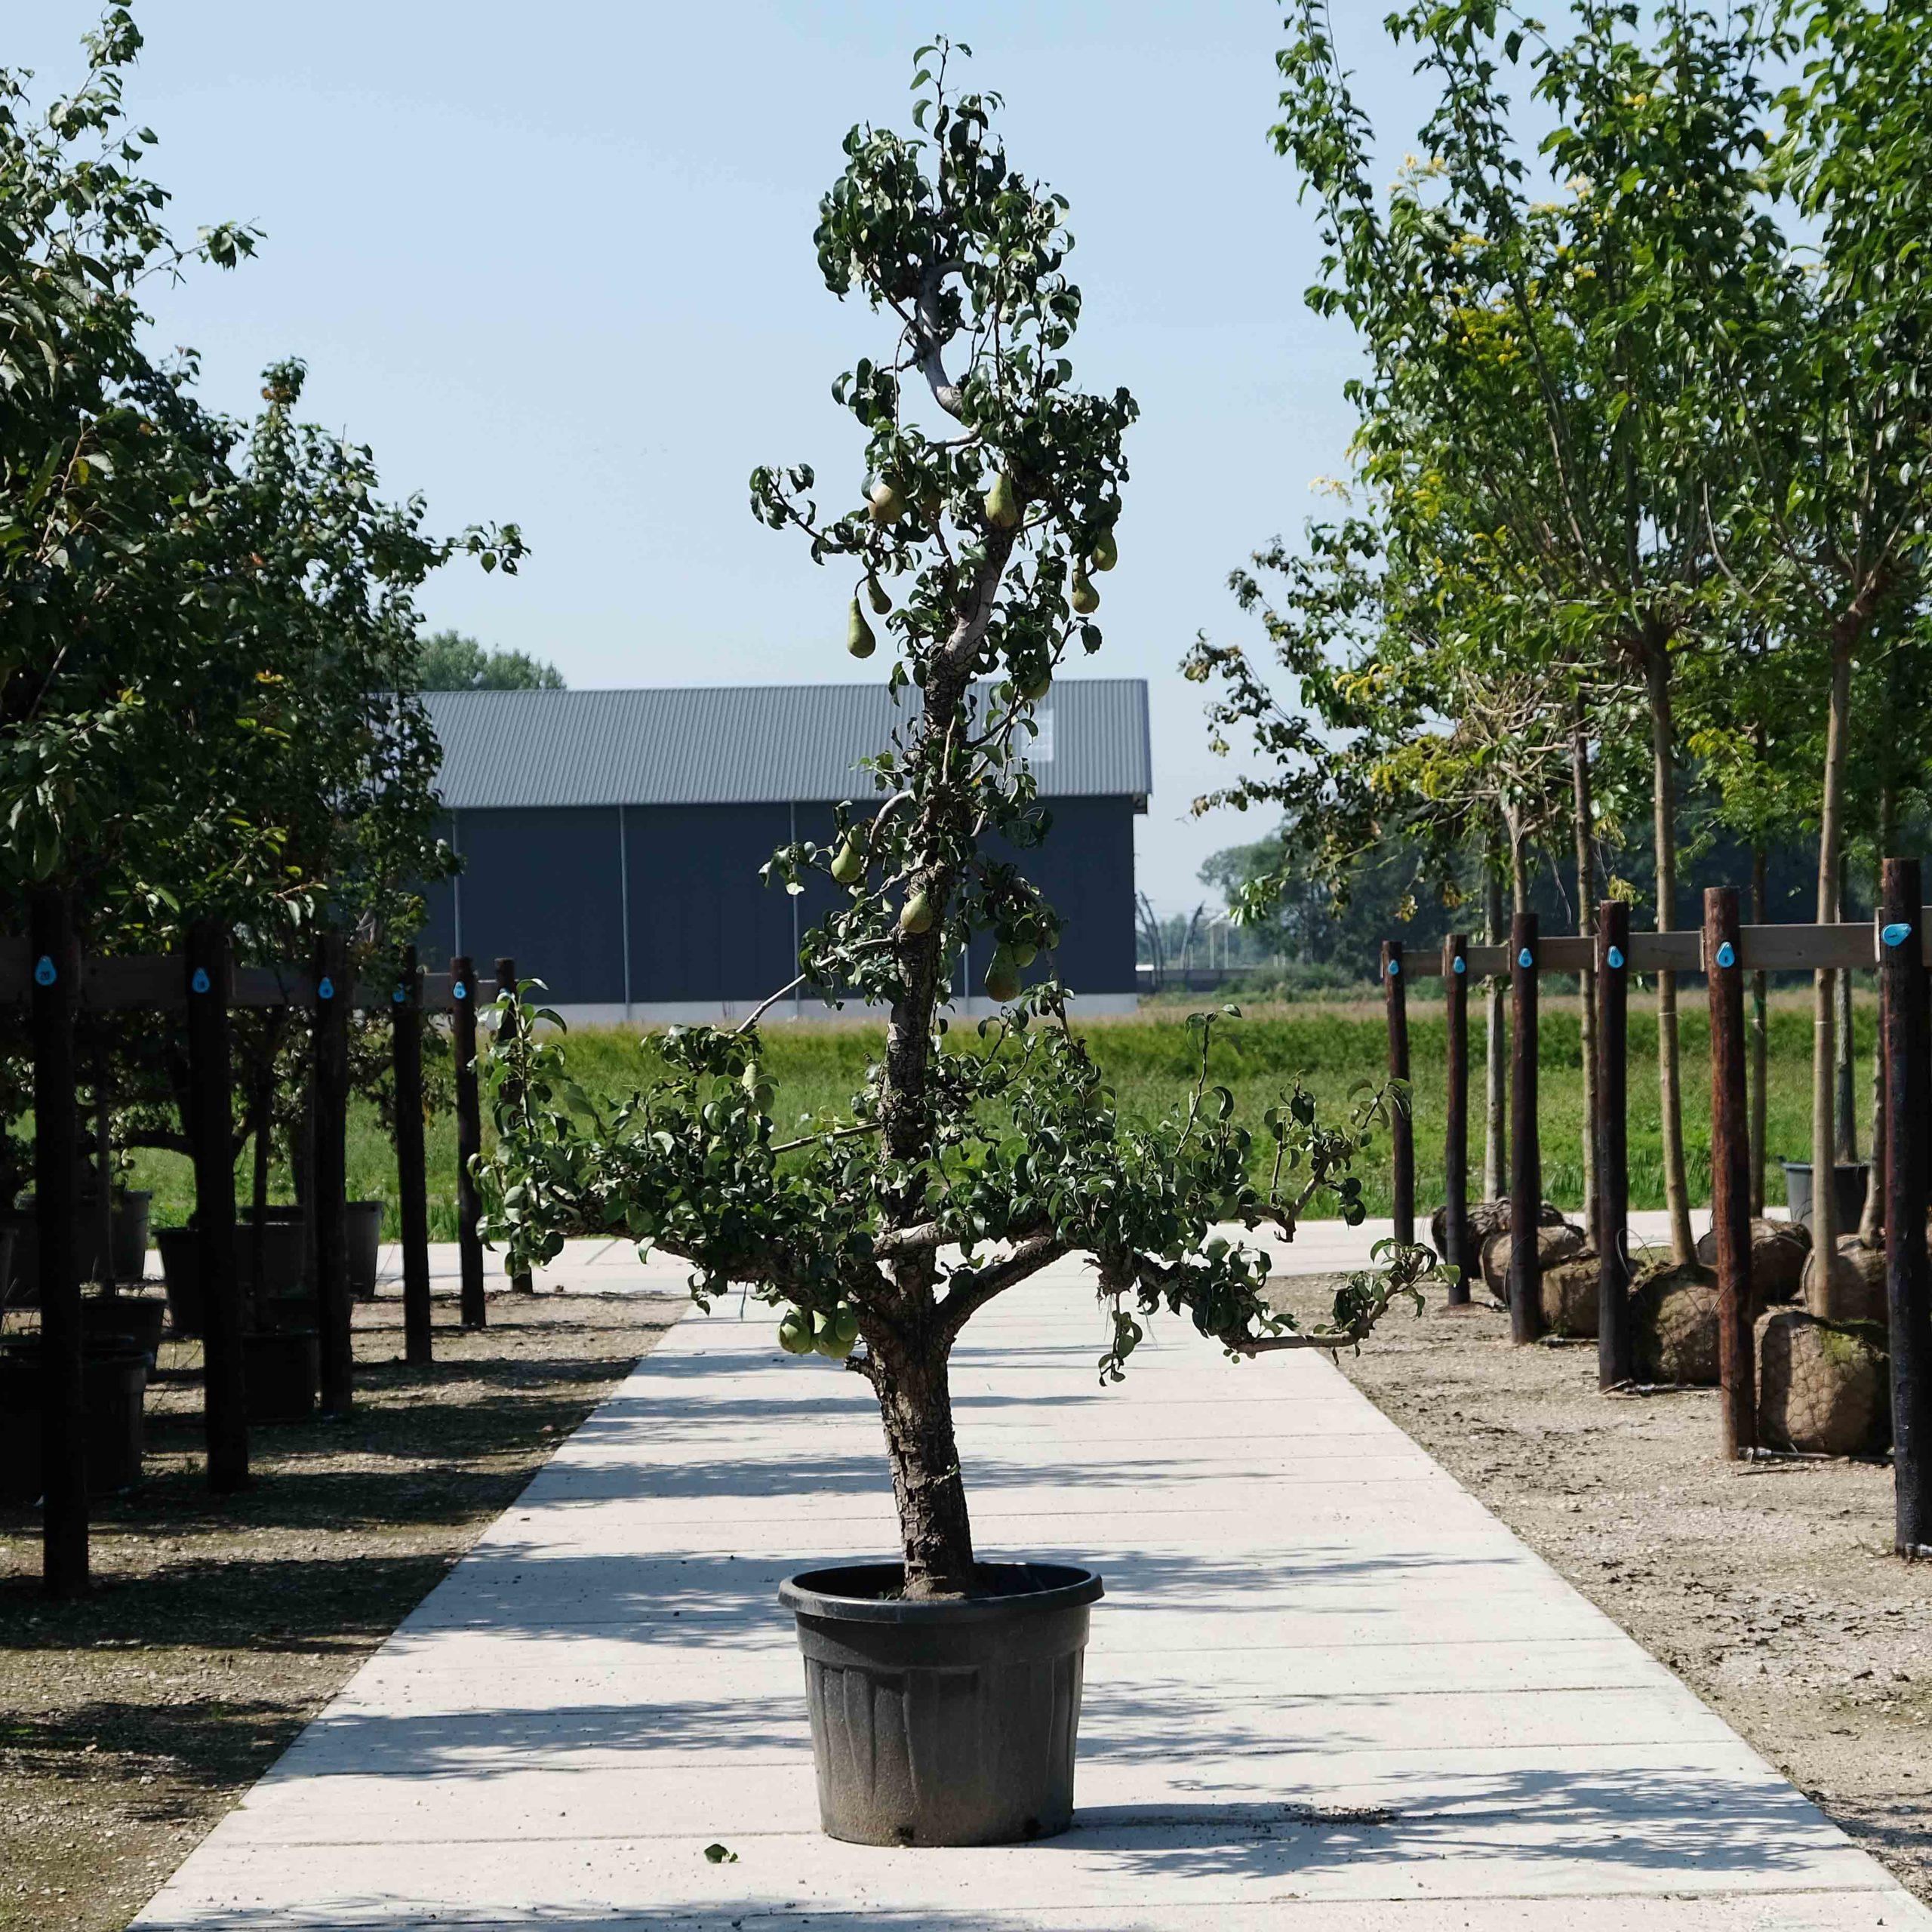 Fruitbomen soorten